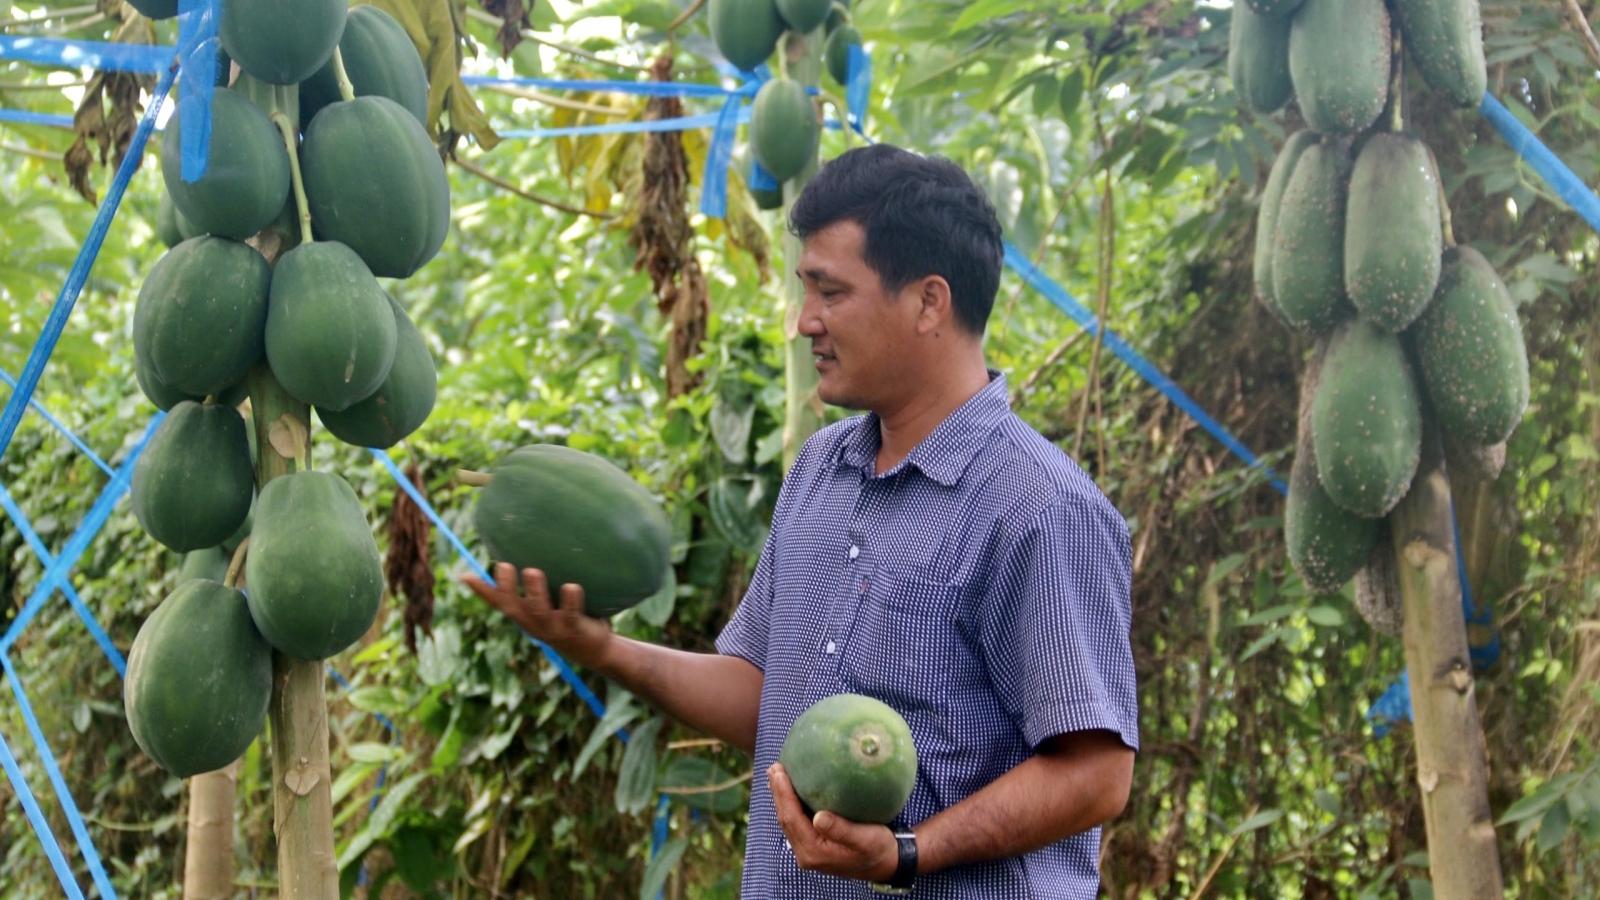 Nhà vườn ở Bà Rịa - Vũng Tàu tất bật chuẩn bị cho vụ trái cây Tết